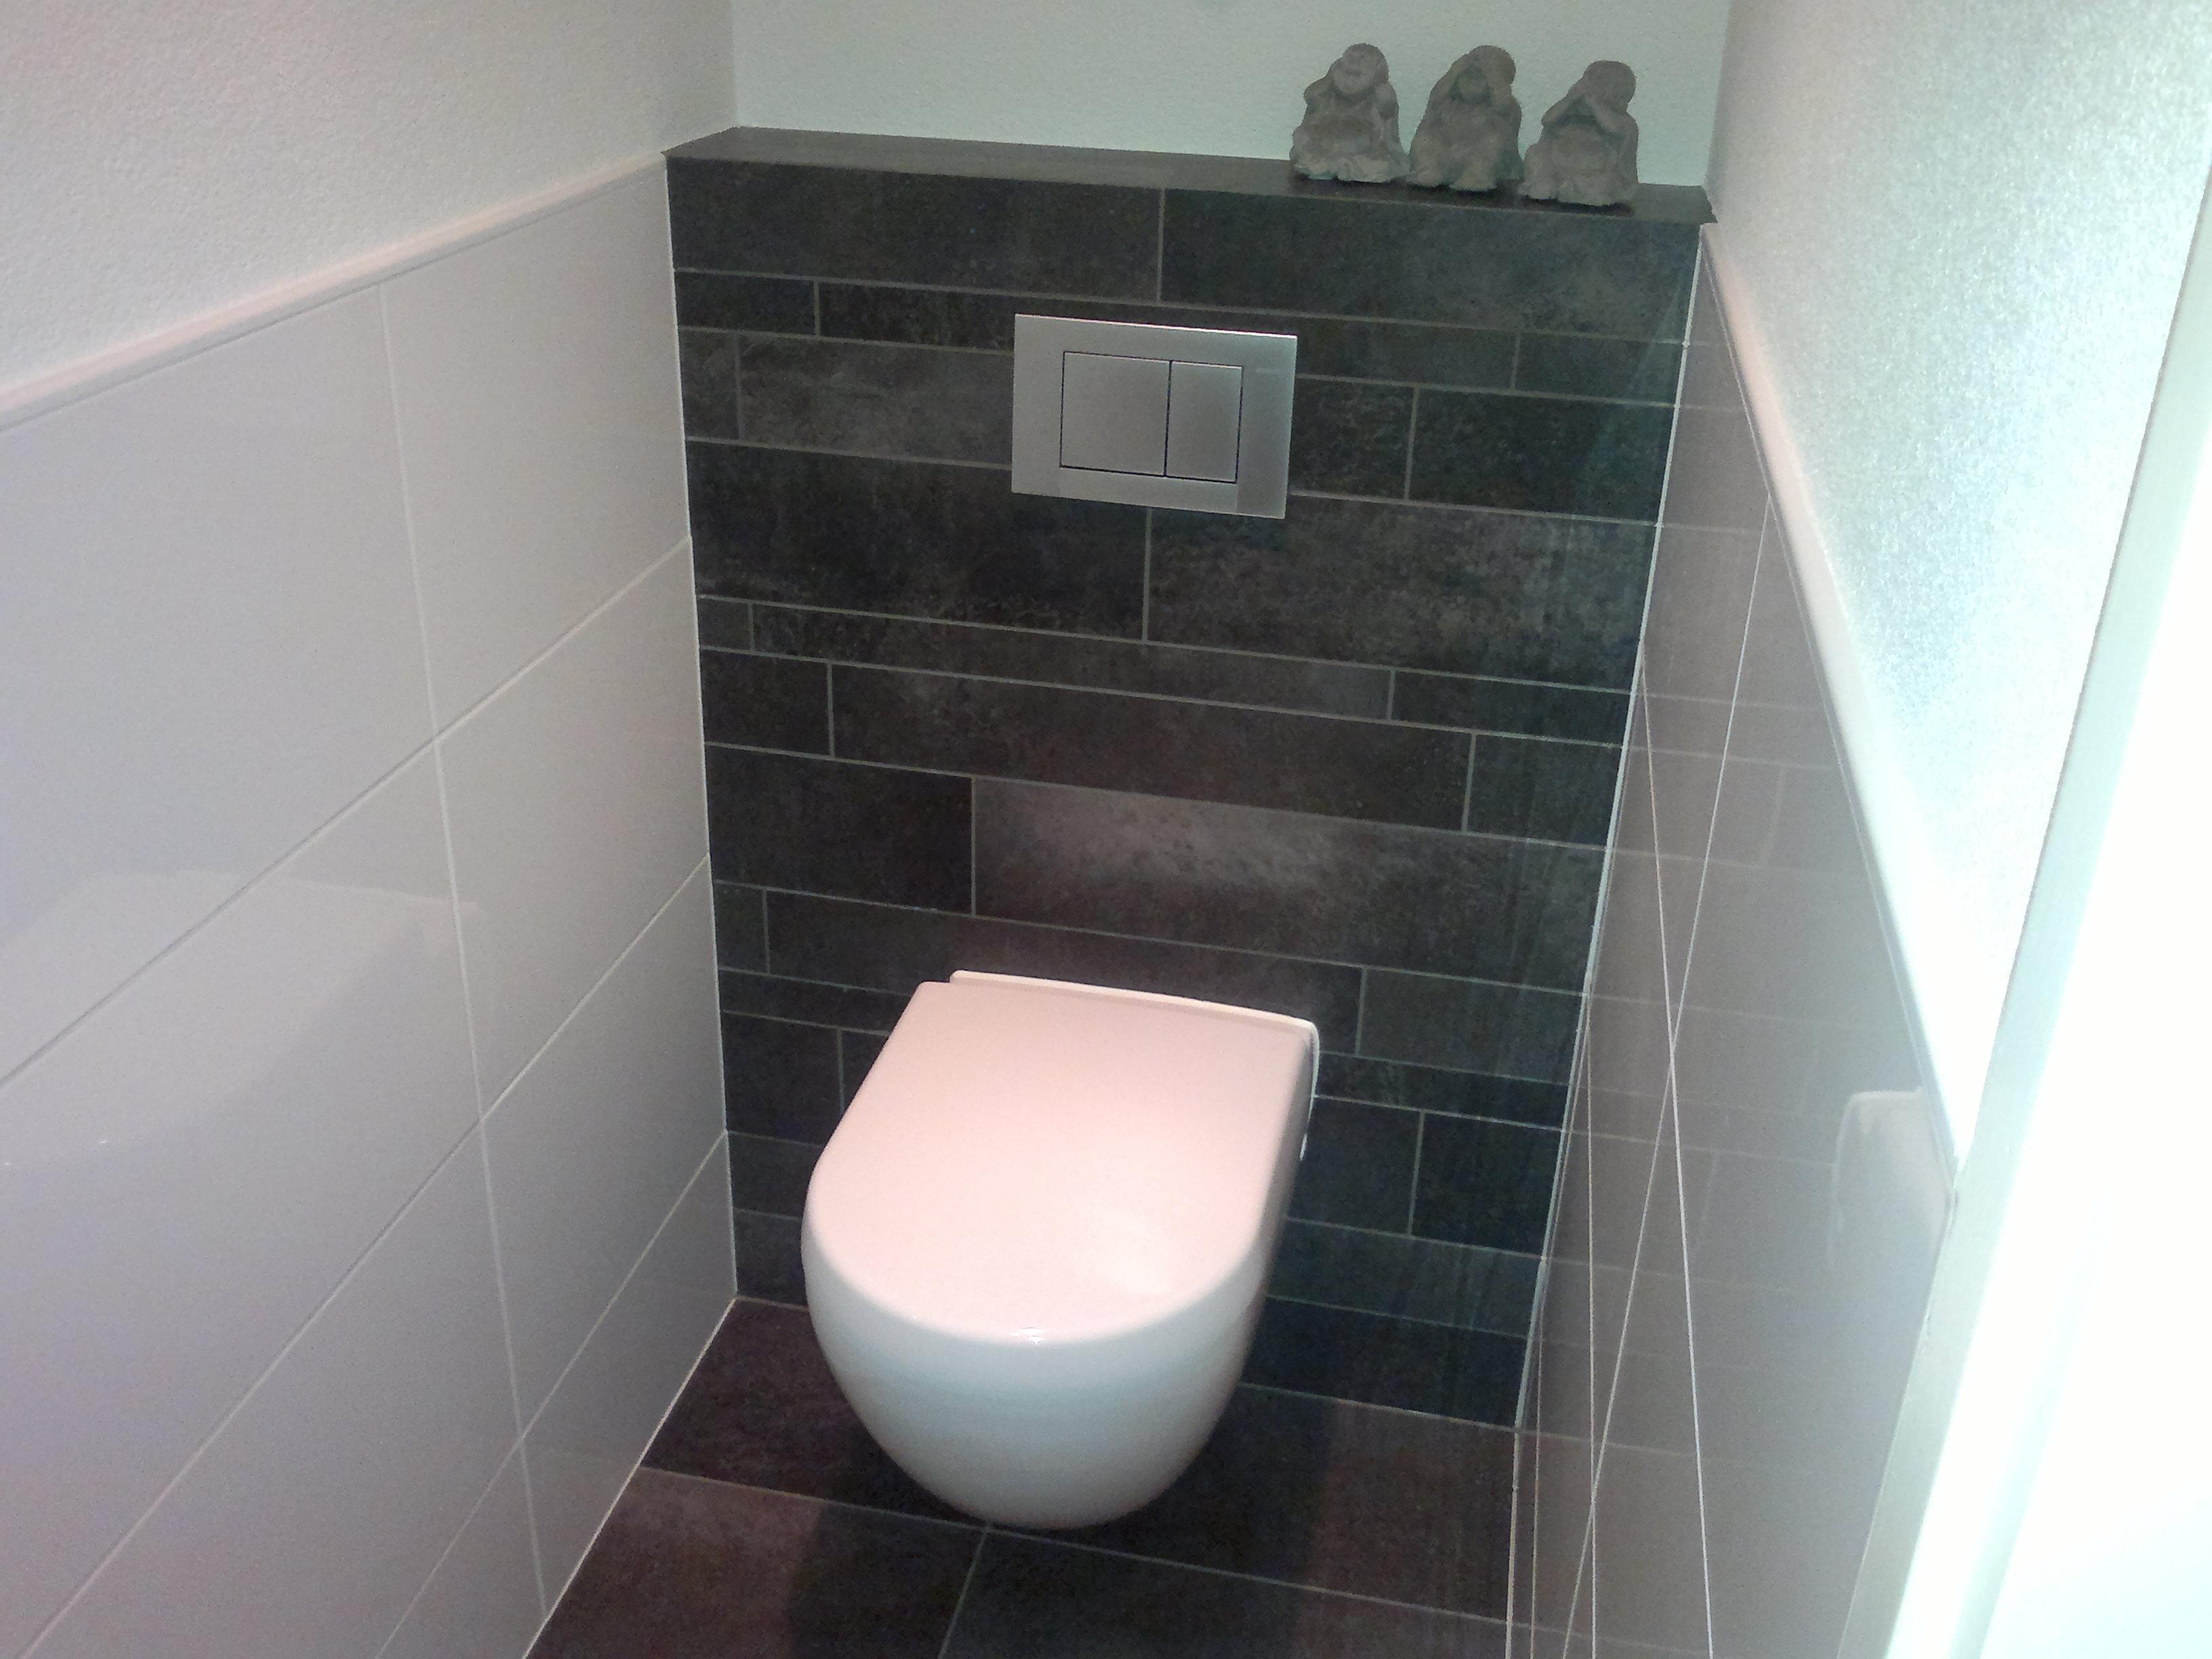 Wc verbouwen voorbeelden naambordje voordeur messing - Renovatie wc ...